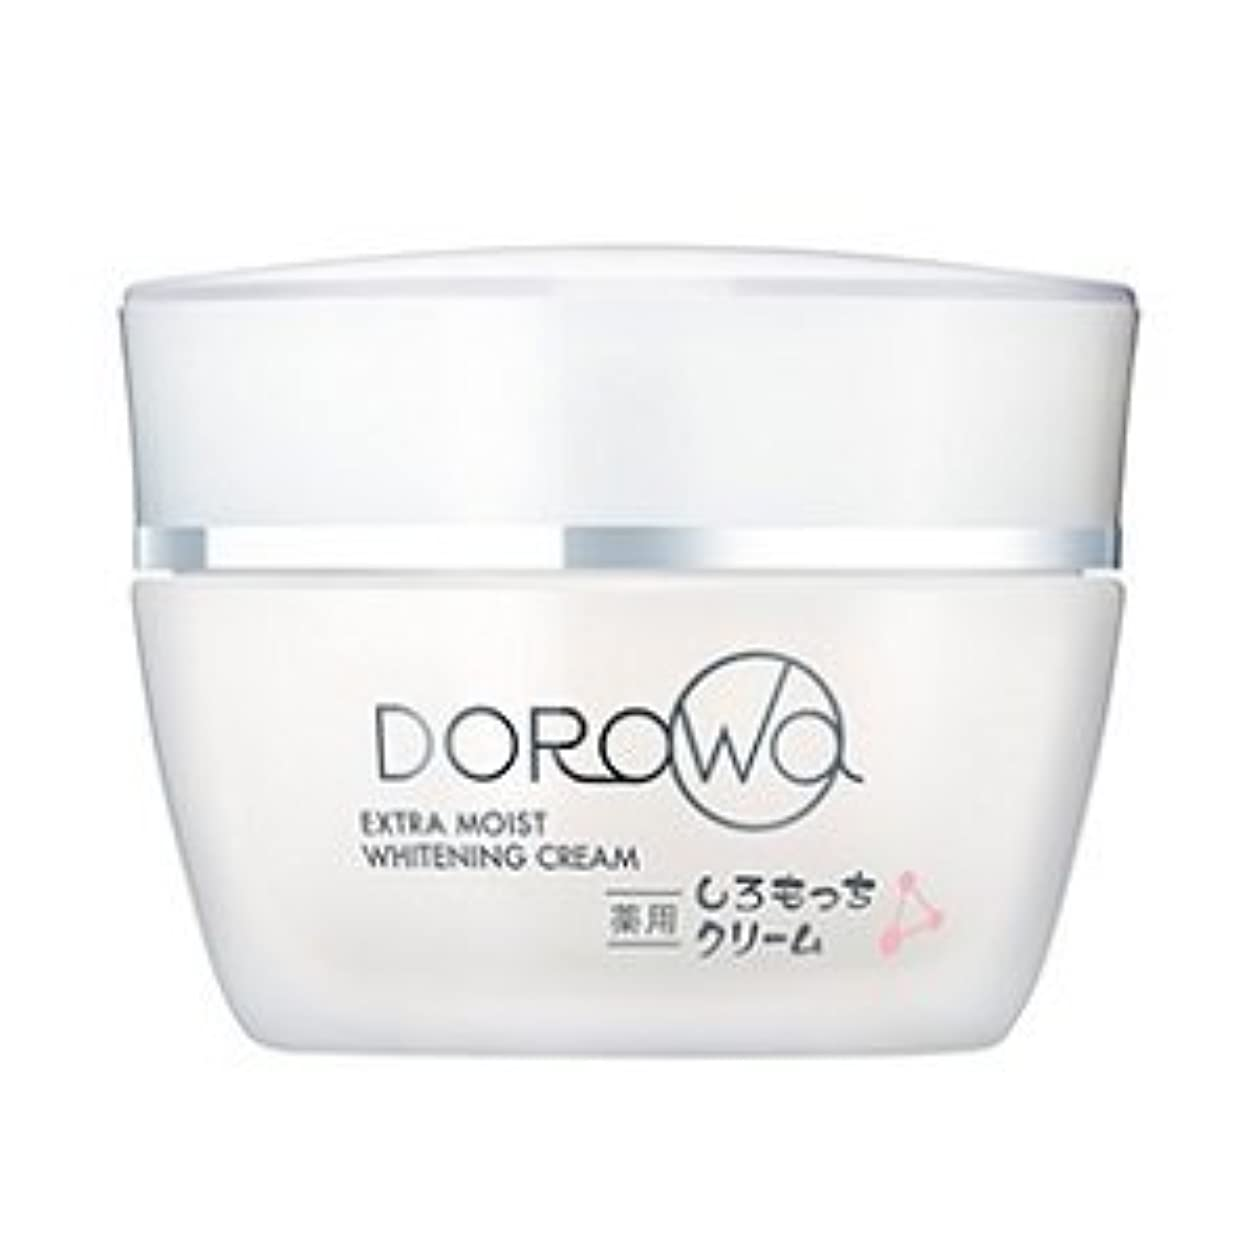 敬礼抑止する運賃健康コーポレーション DOROwa 薬用 しろもっちクリーム 60g